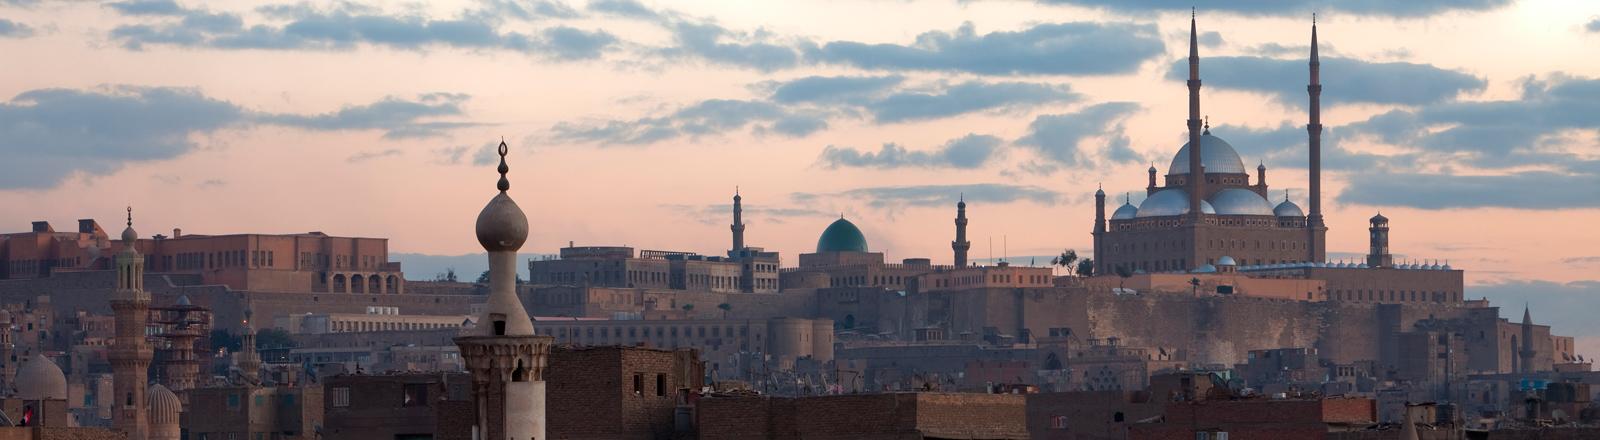 Blick vom Dach der Mu'ayyad Moschee auf die Zitadelle mit Kairos Wahrzeichen, der Mohammed Ali Moschee.